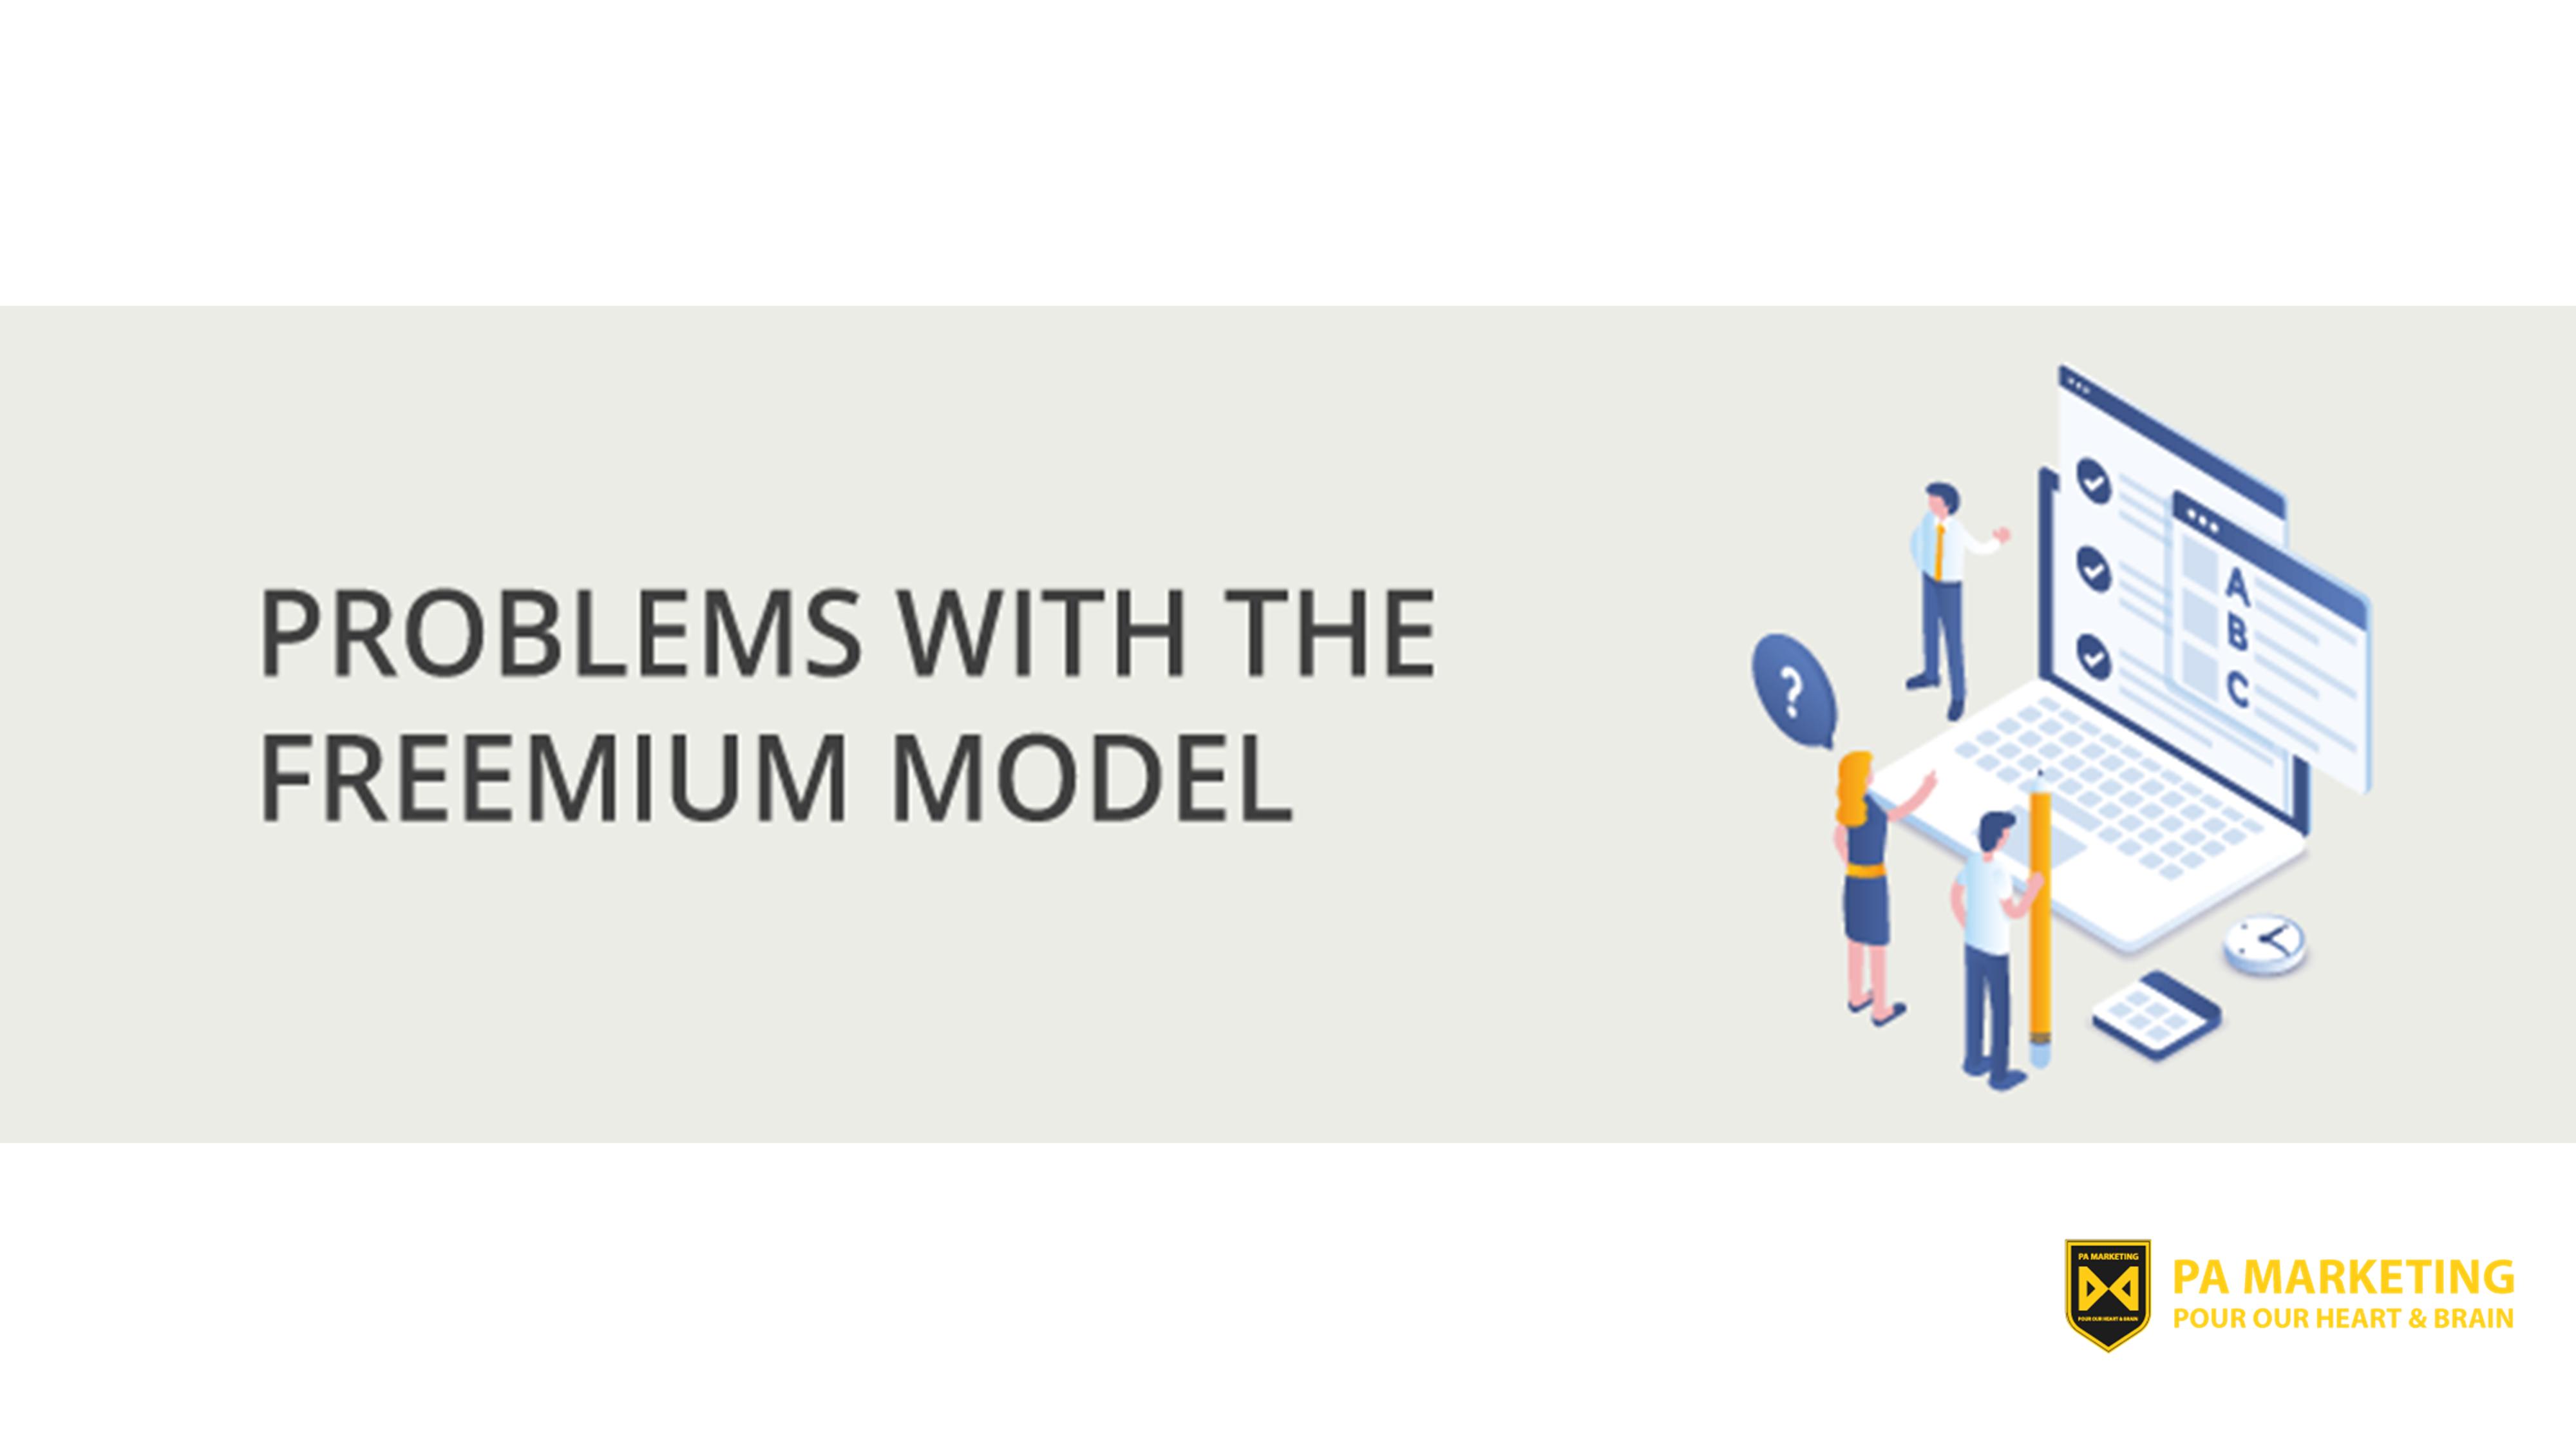 Mô hình kinh doanh freemium so với miễn phí